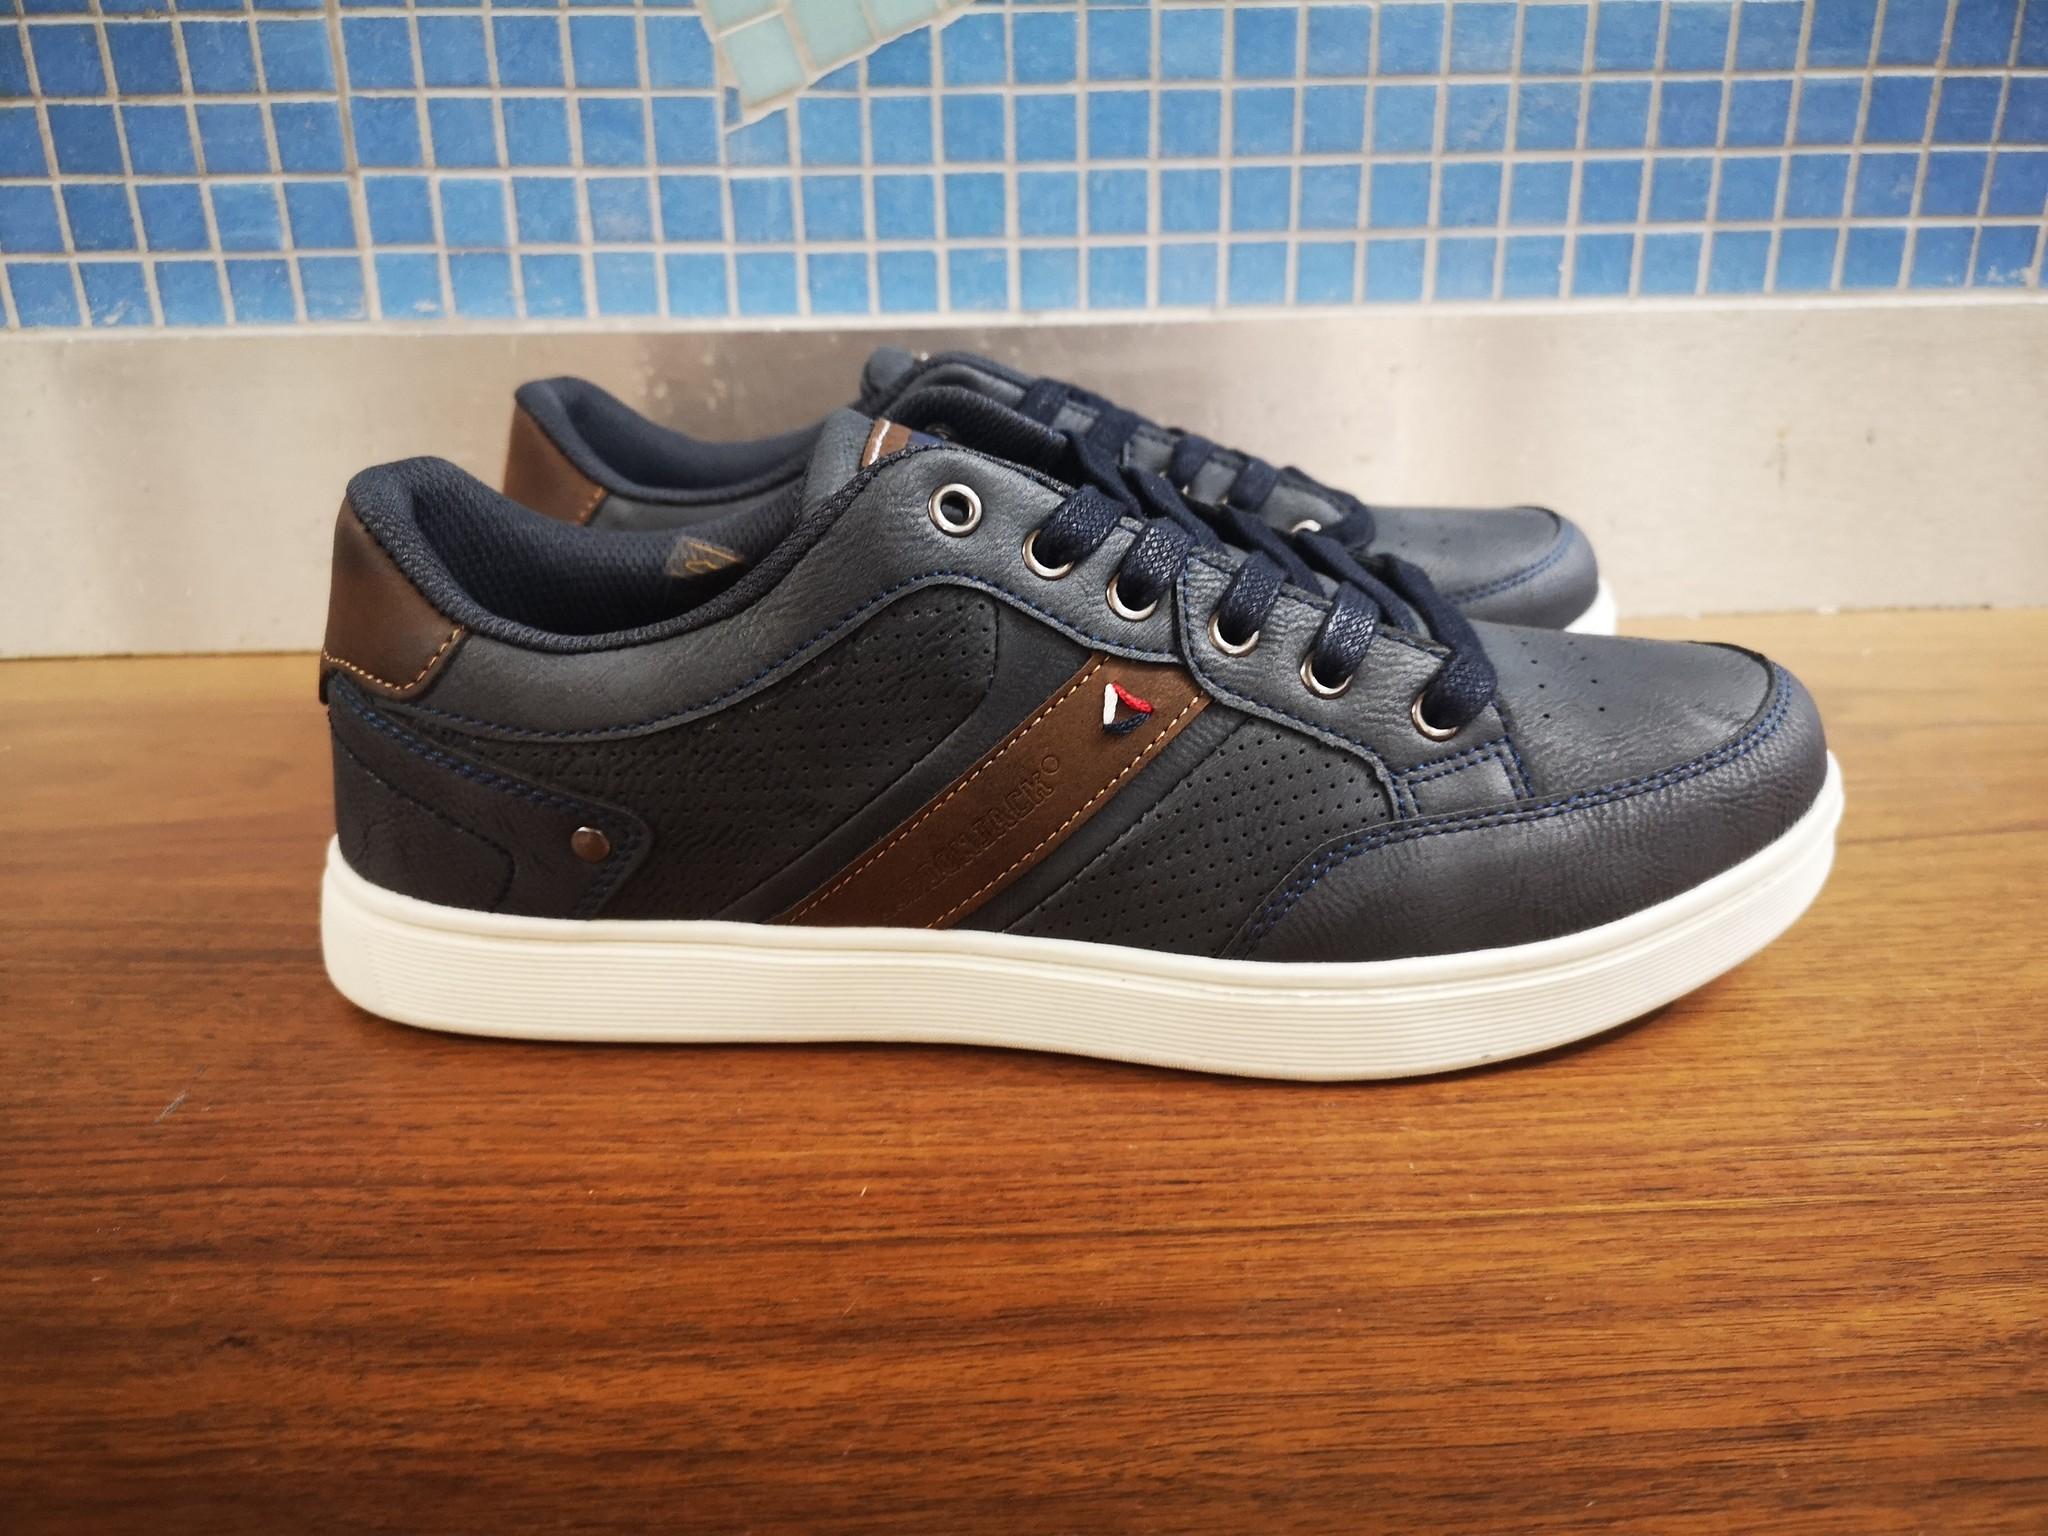 Seattle shoe